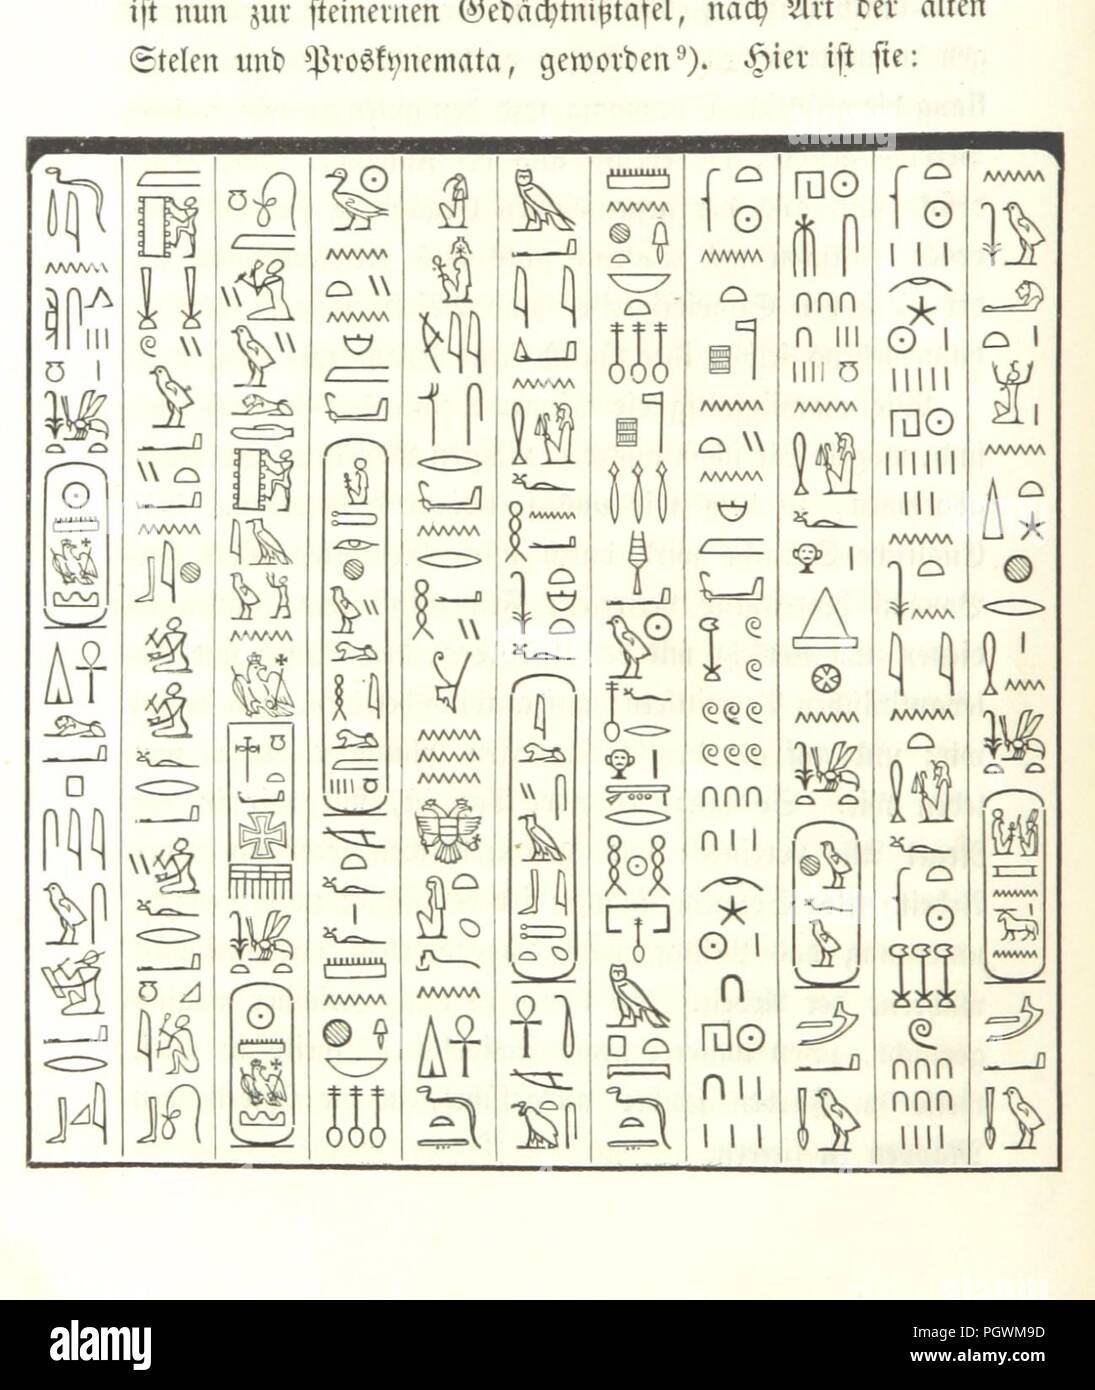 Image  from page 52 of 'Briefe aus Ægypten, Æthiopien, und der Halbinsel des Sinai, geschrieben in den Jahren 1842-1845, etc' . - Stock Image